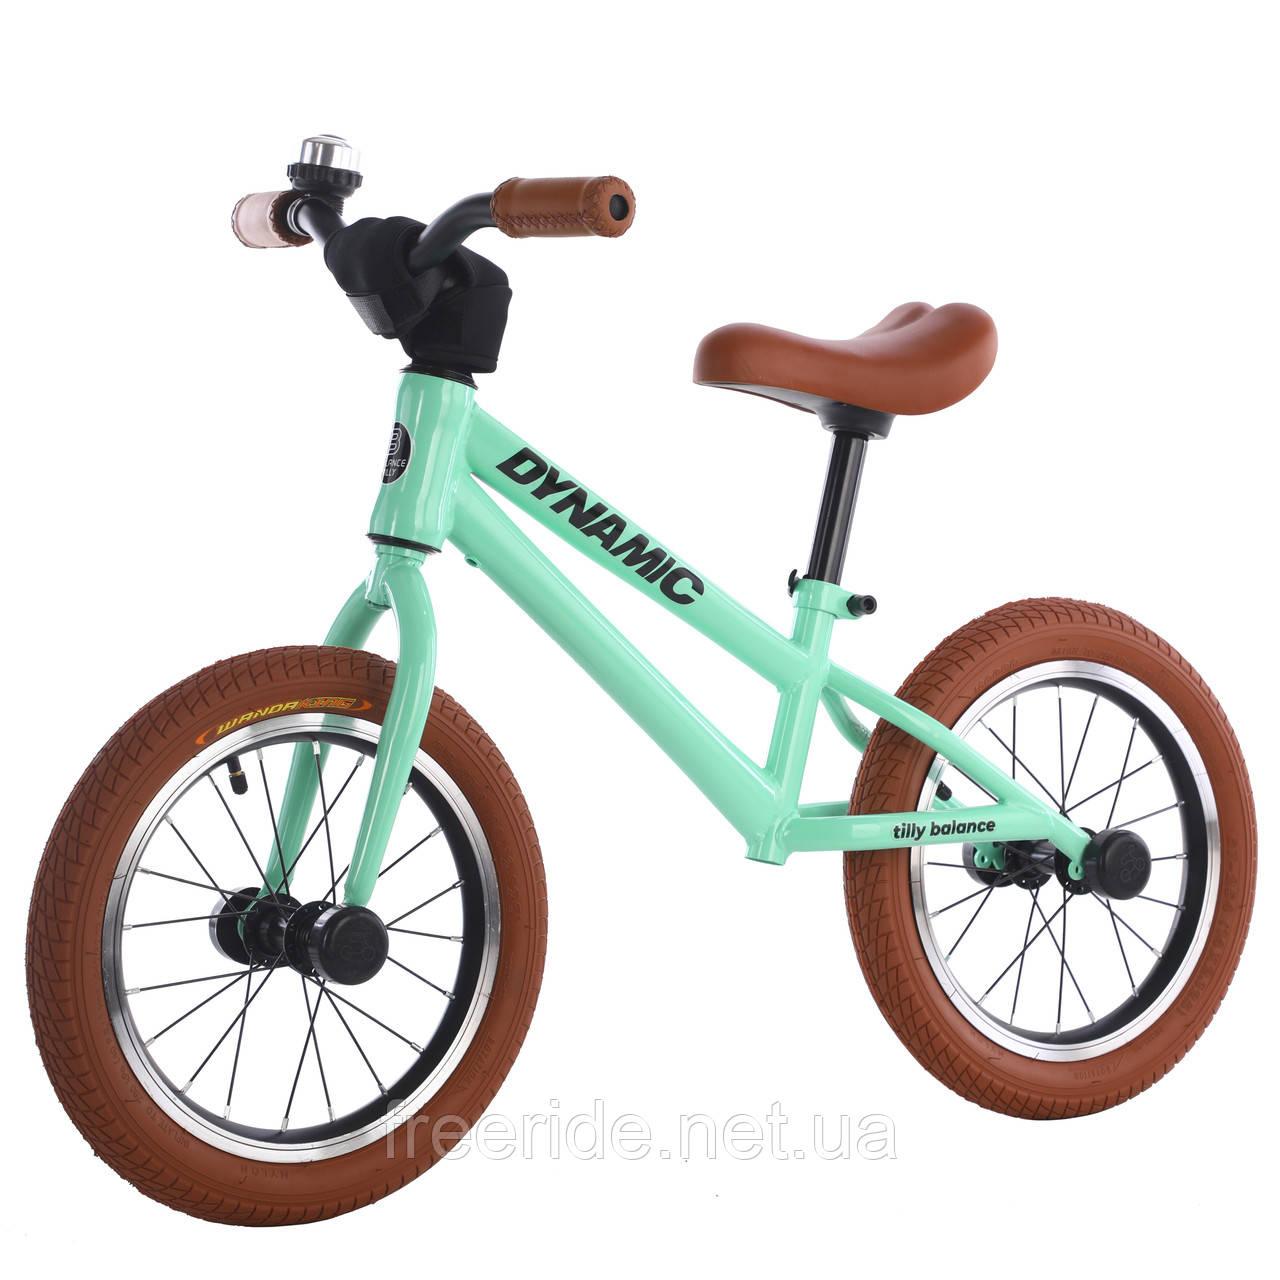 Детский велосипед TILLY balance 14 Dynamic T-212519